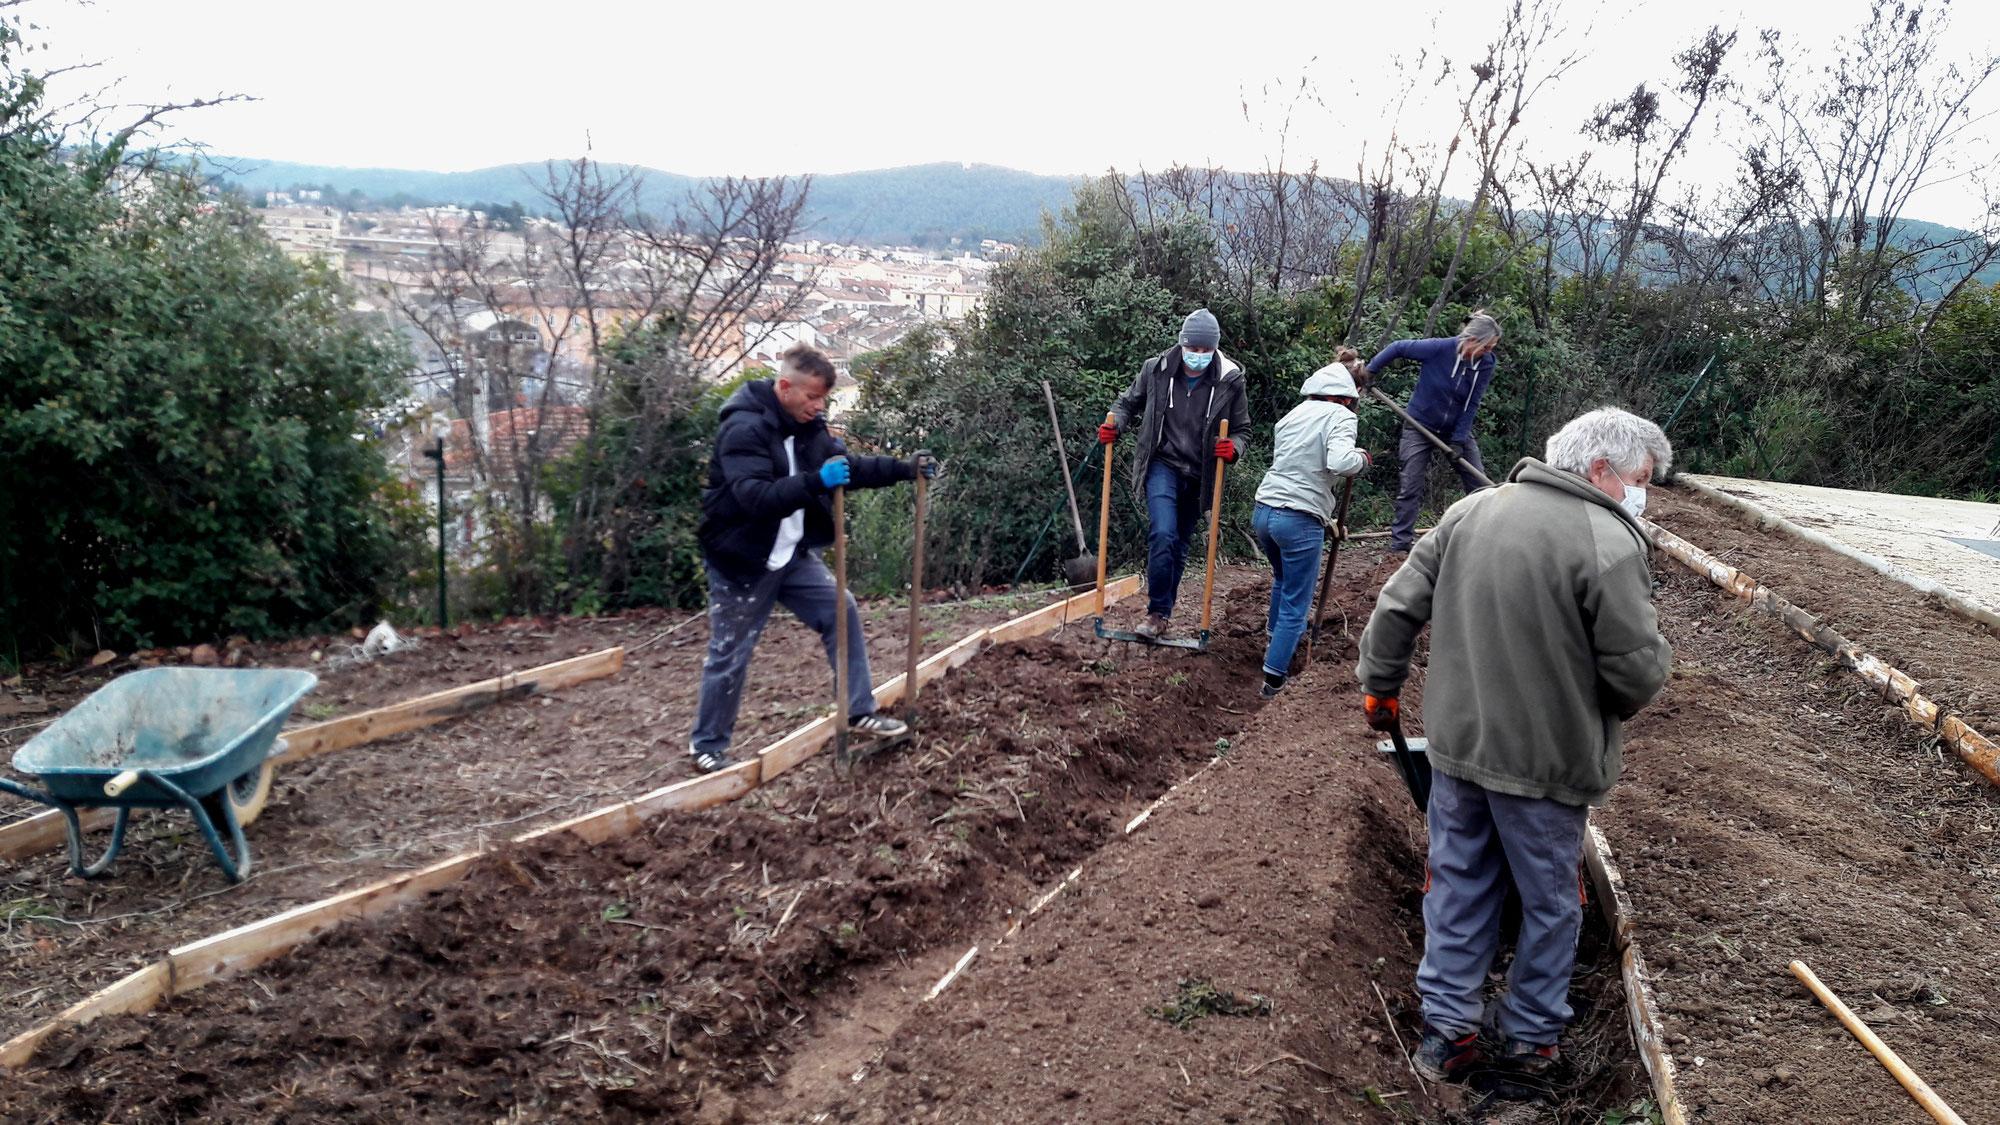 Permaculture au jardin : des buttes, dans quel but ?